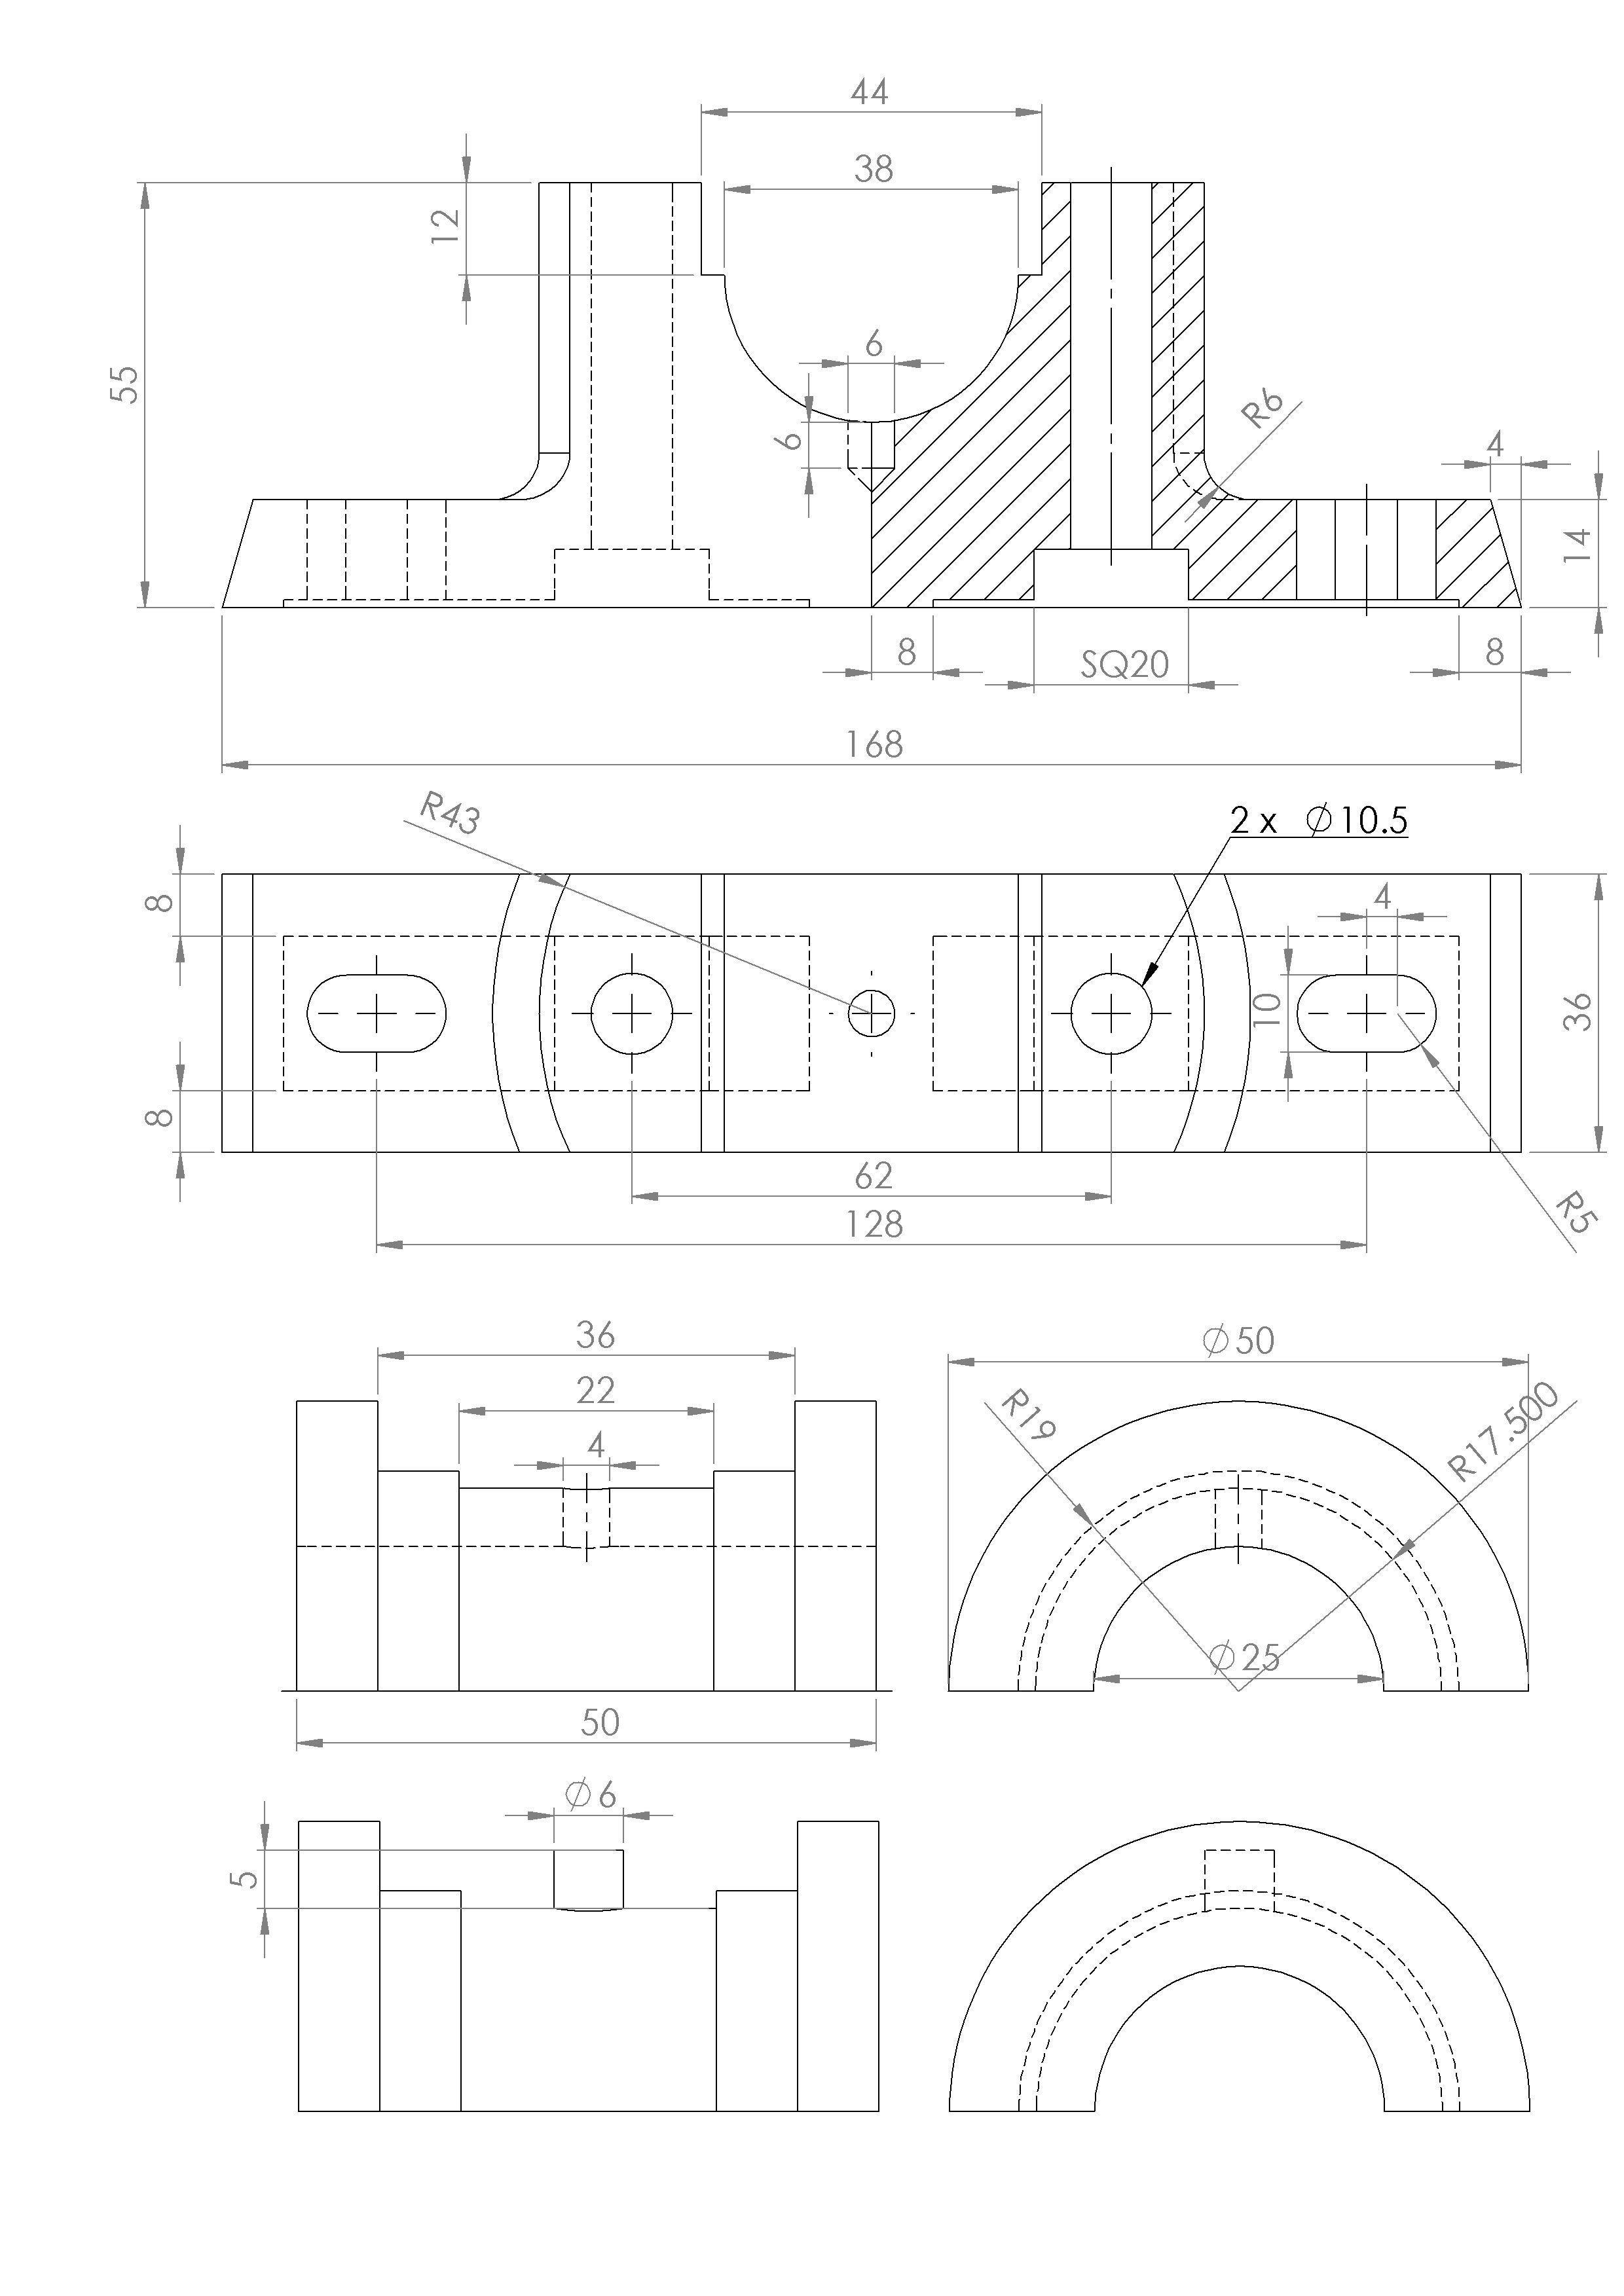 plummer block free 3d model stl sldprt sldasm slddrw ige